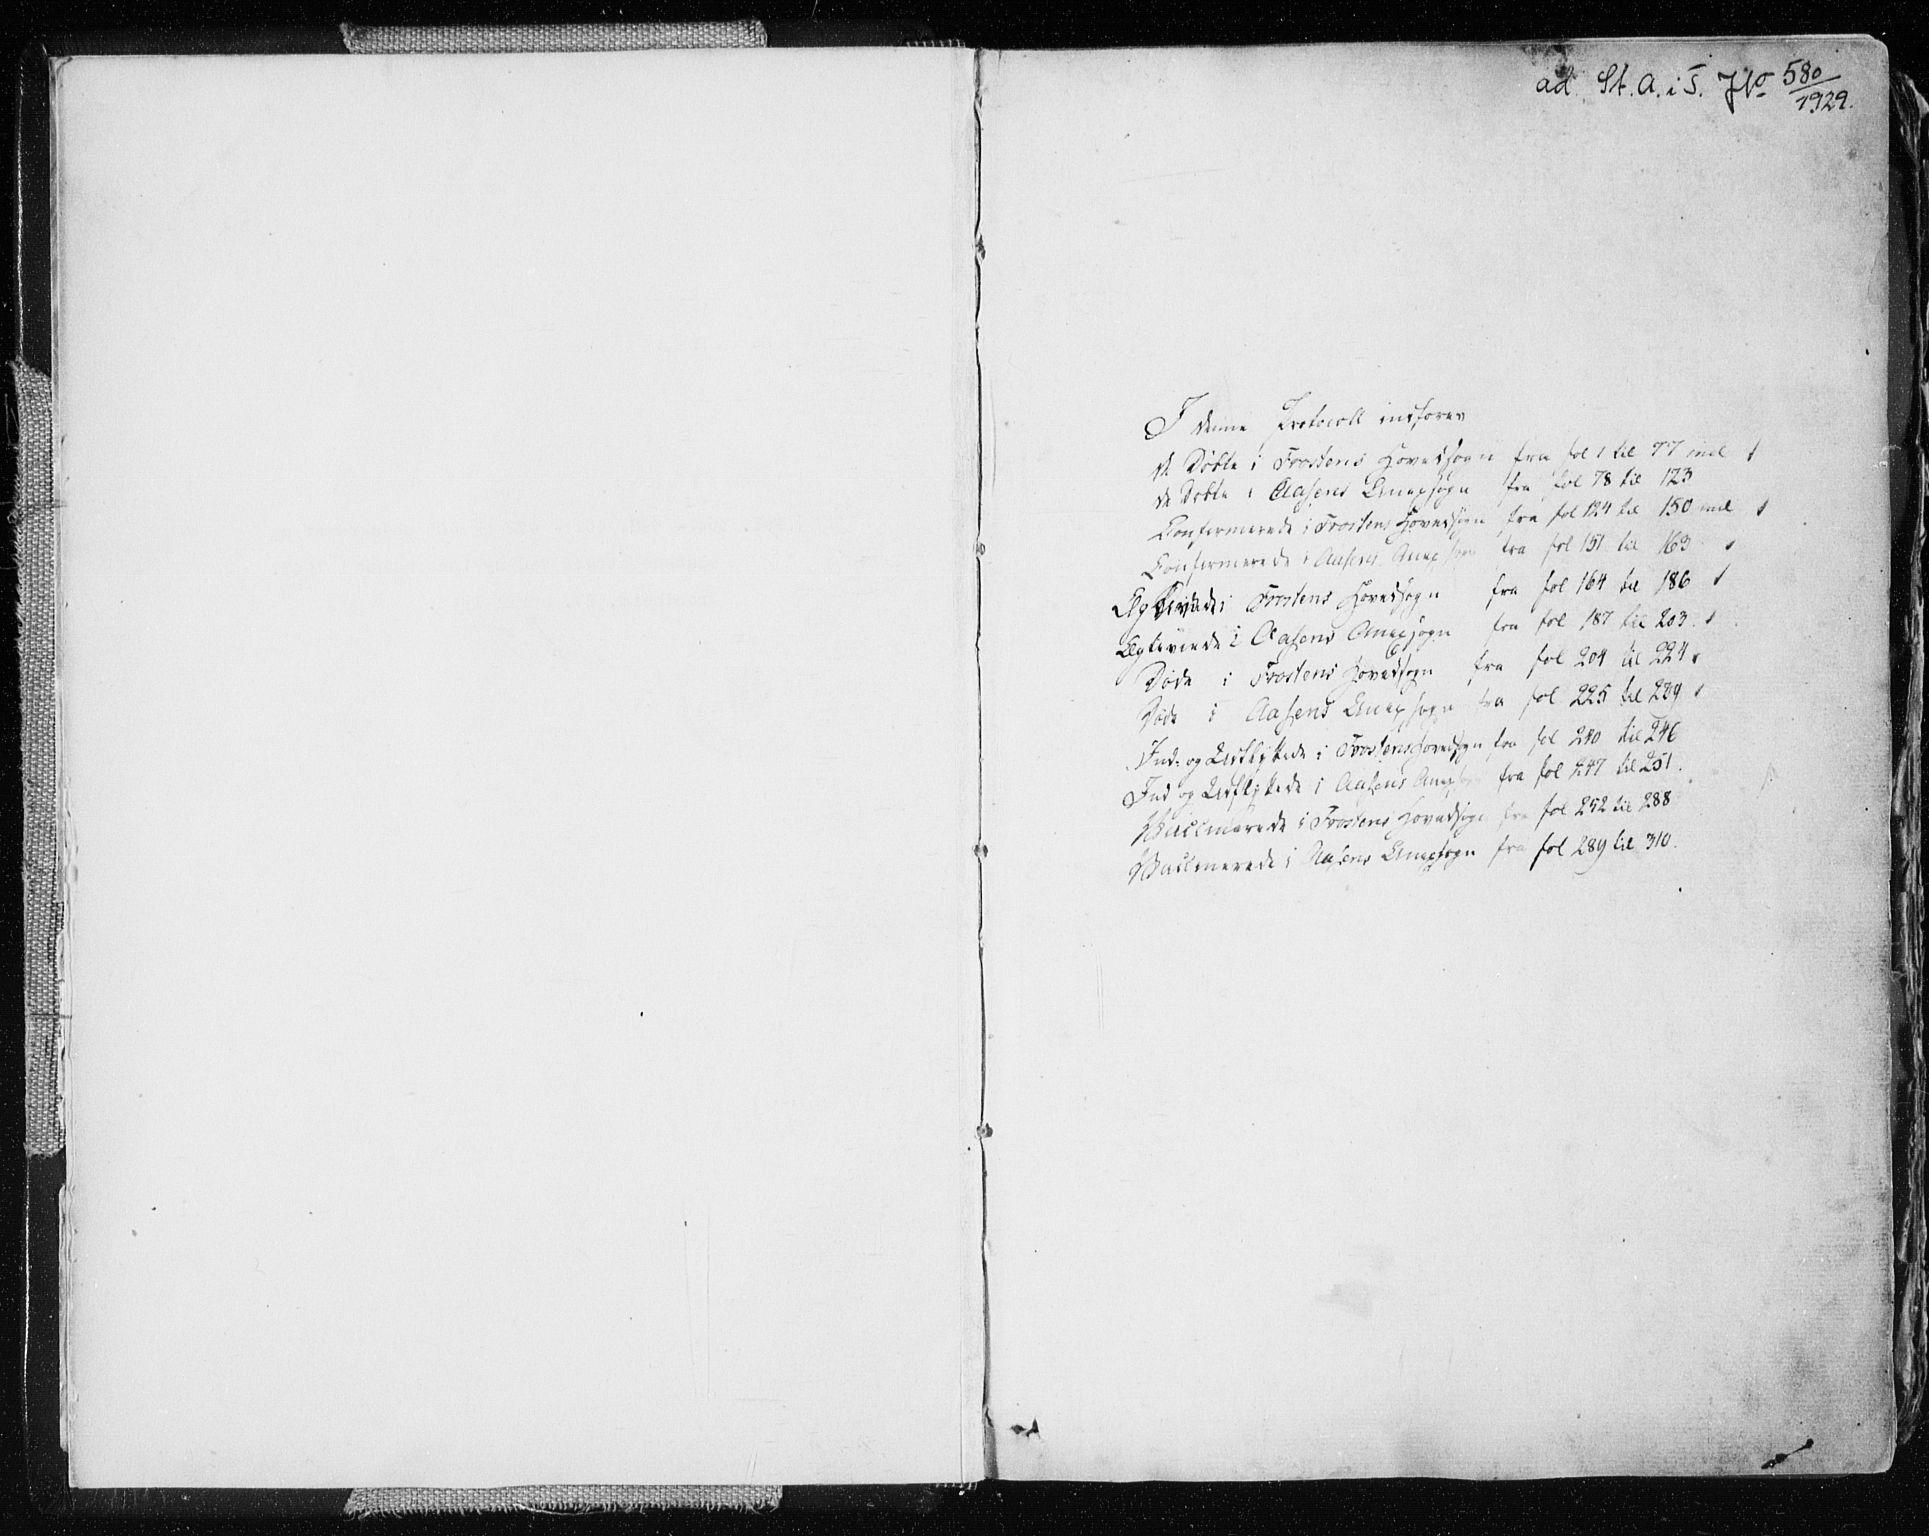 SAT, Ministerialprotokoller, klokkerbøker og fødselsregistre - Nord-Trøndelag, 713/L0114: Ministerialbok nr. 713A05, 1827-1839